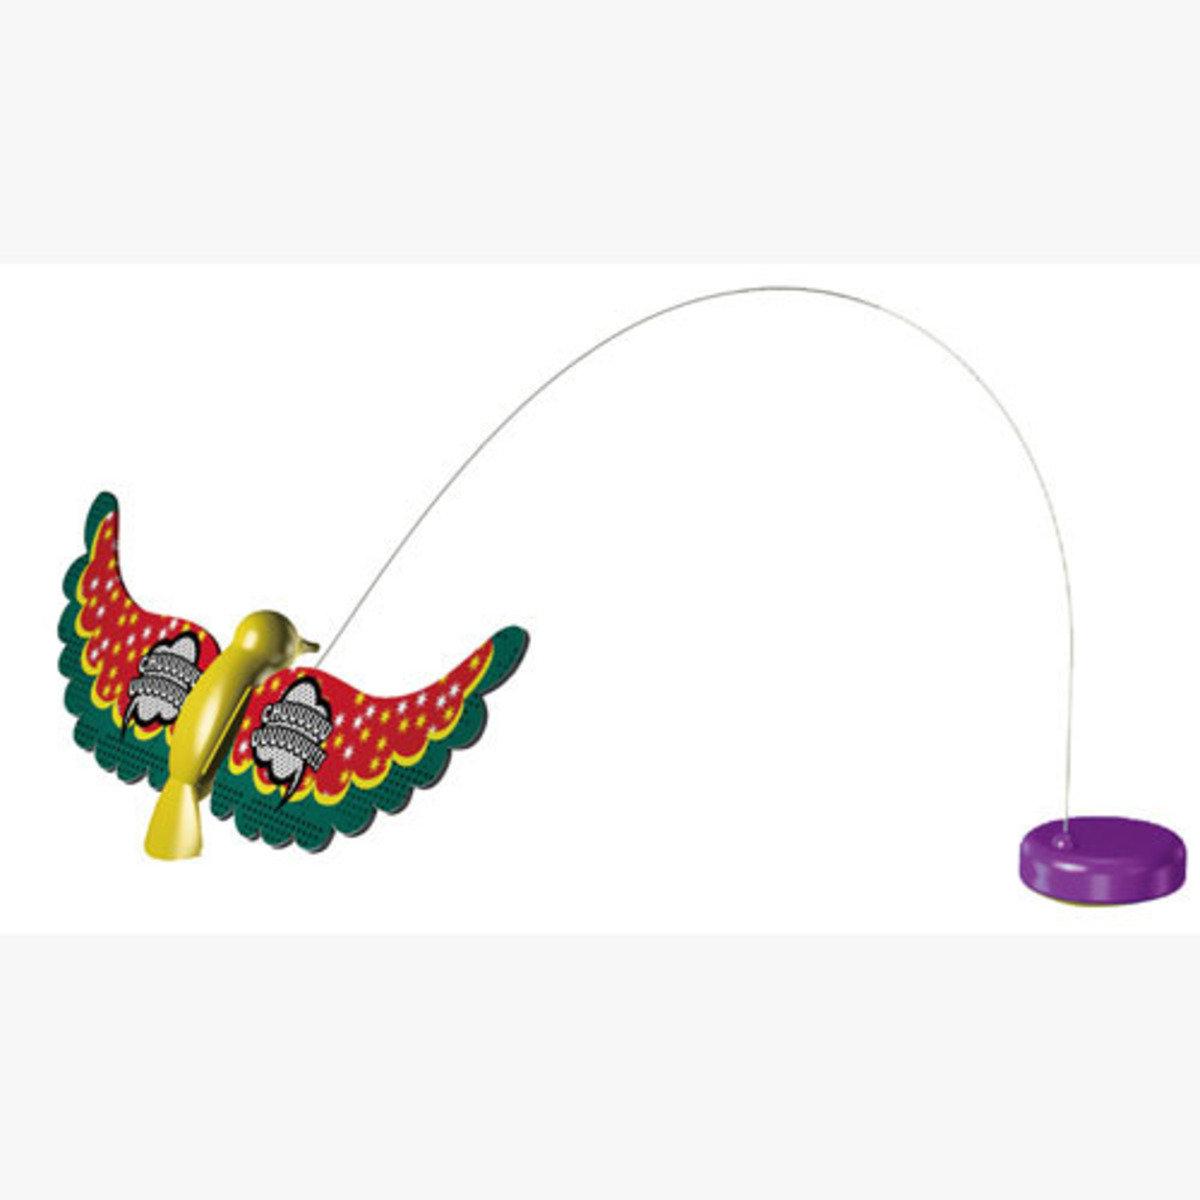 電動旋轉貓玩具(飛鳥)替換裝(W24610)